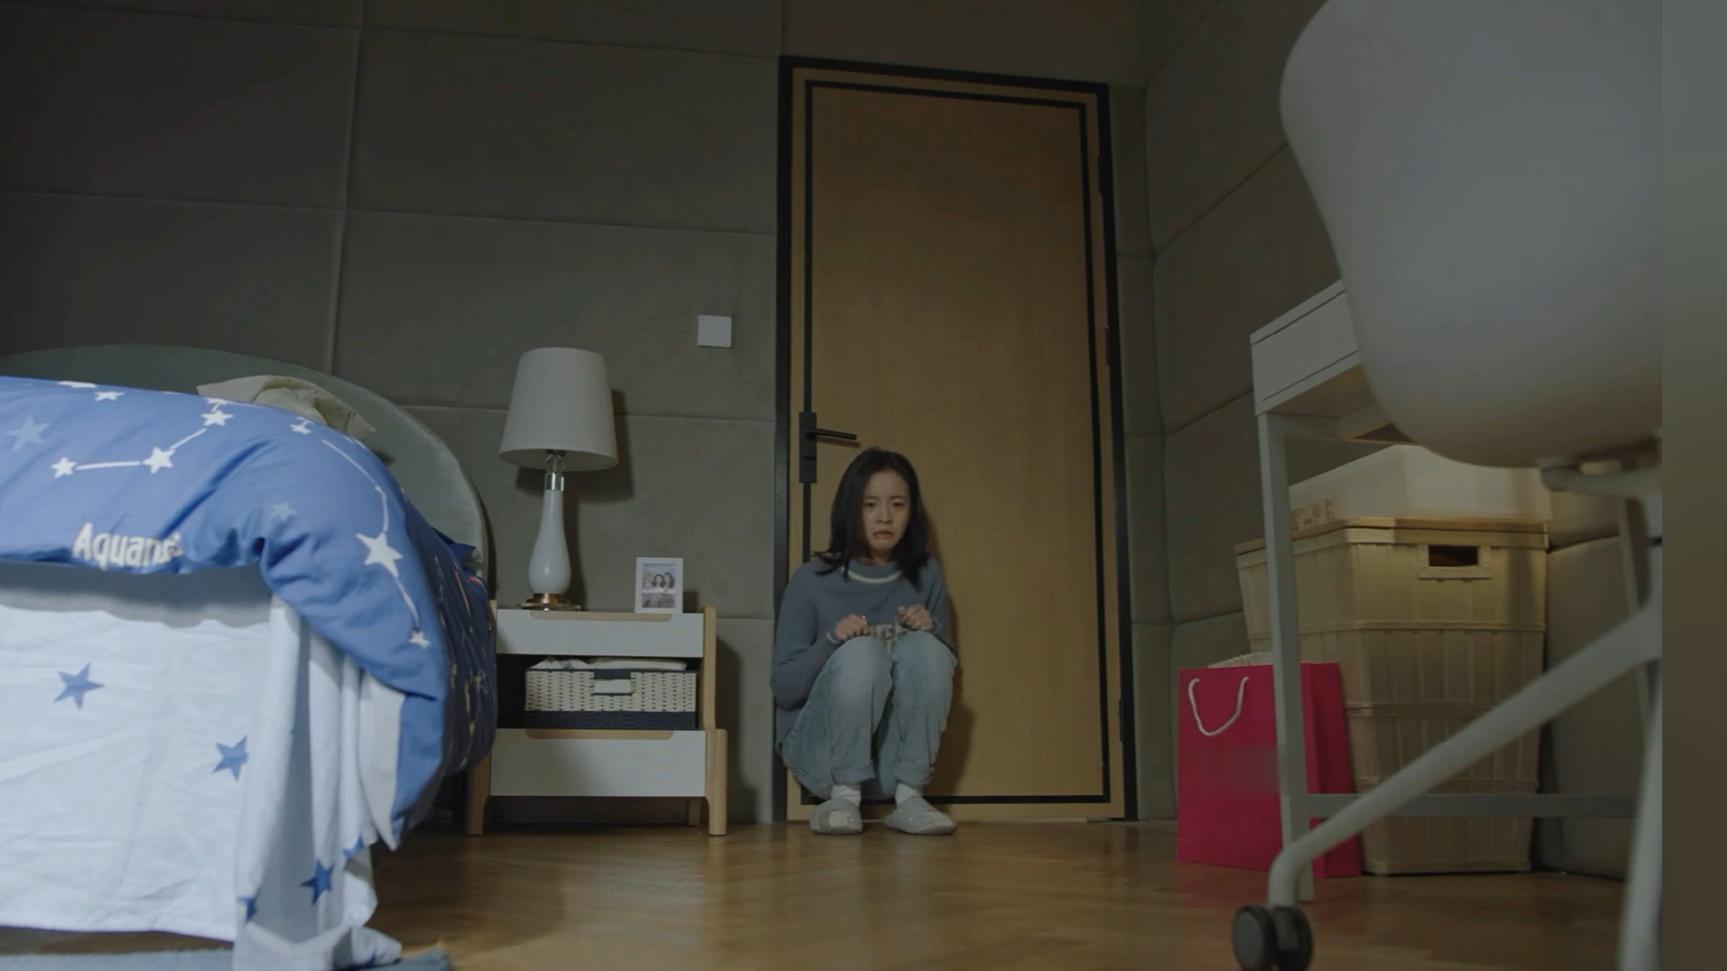 小欢喜刘静化疗开始脱发乔英子再受打击乔家将迎来重新翻牌